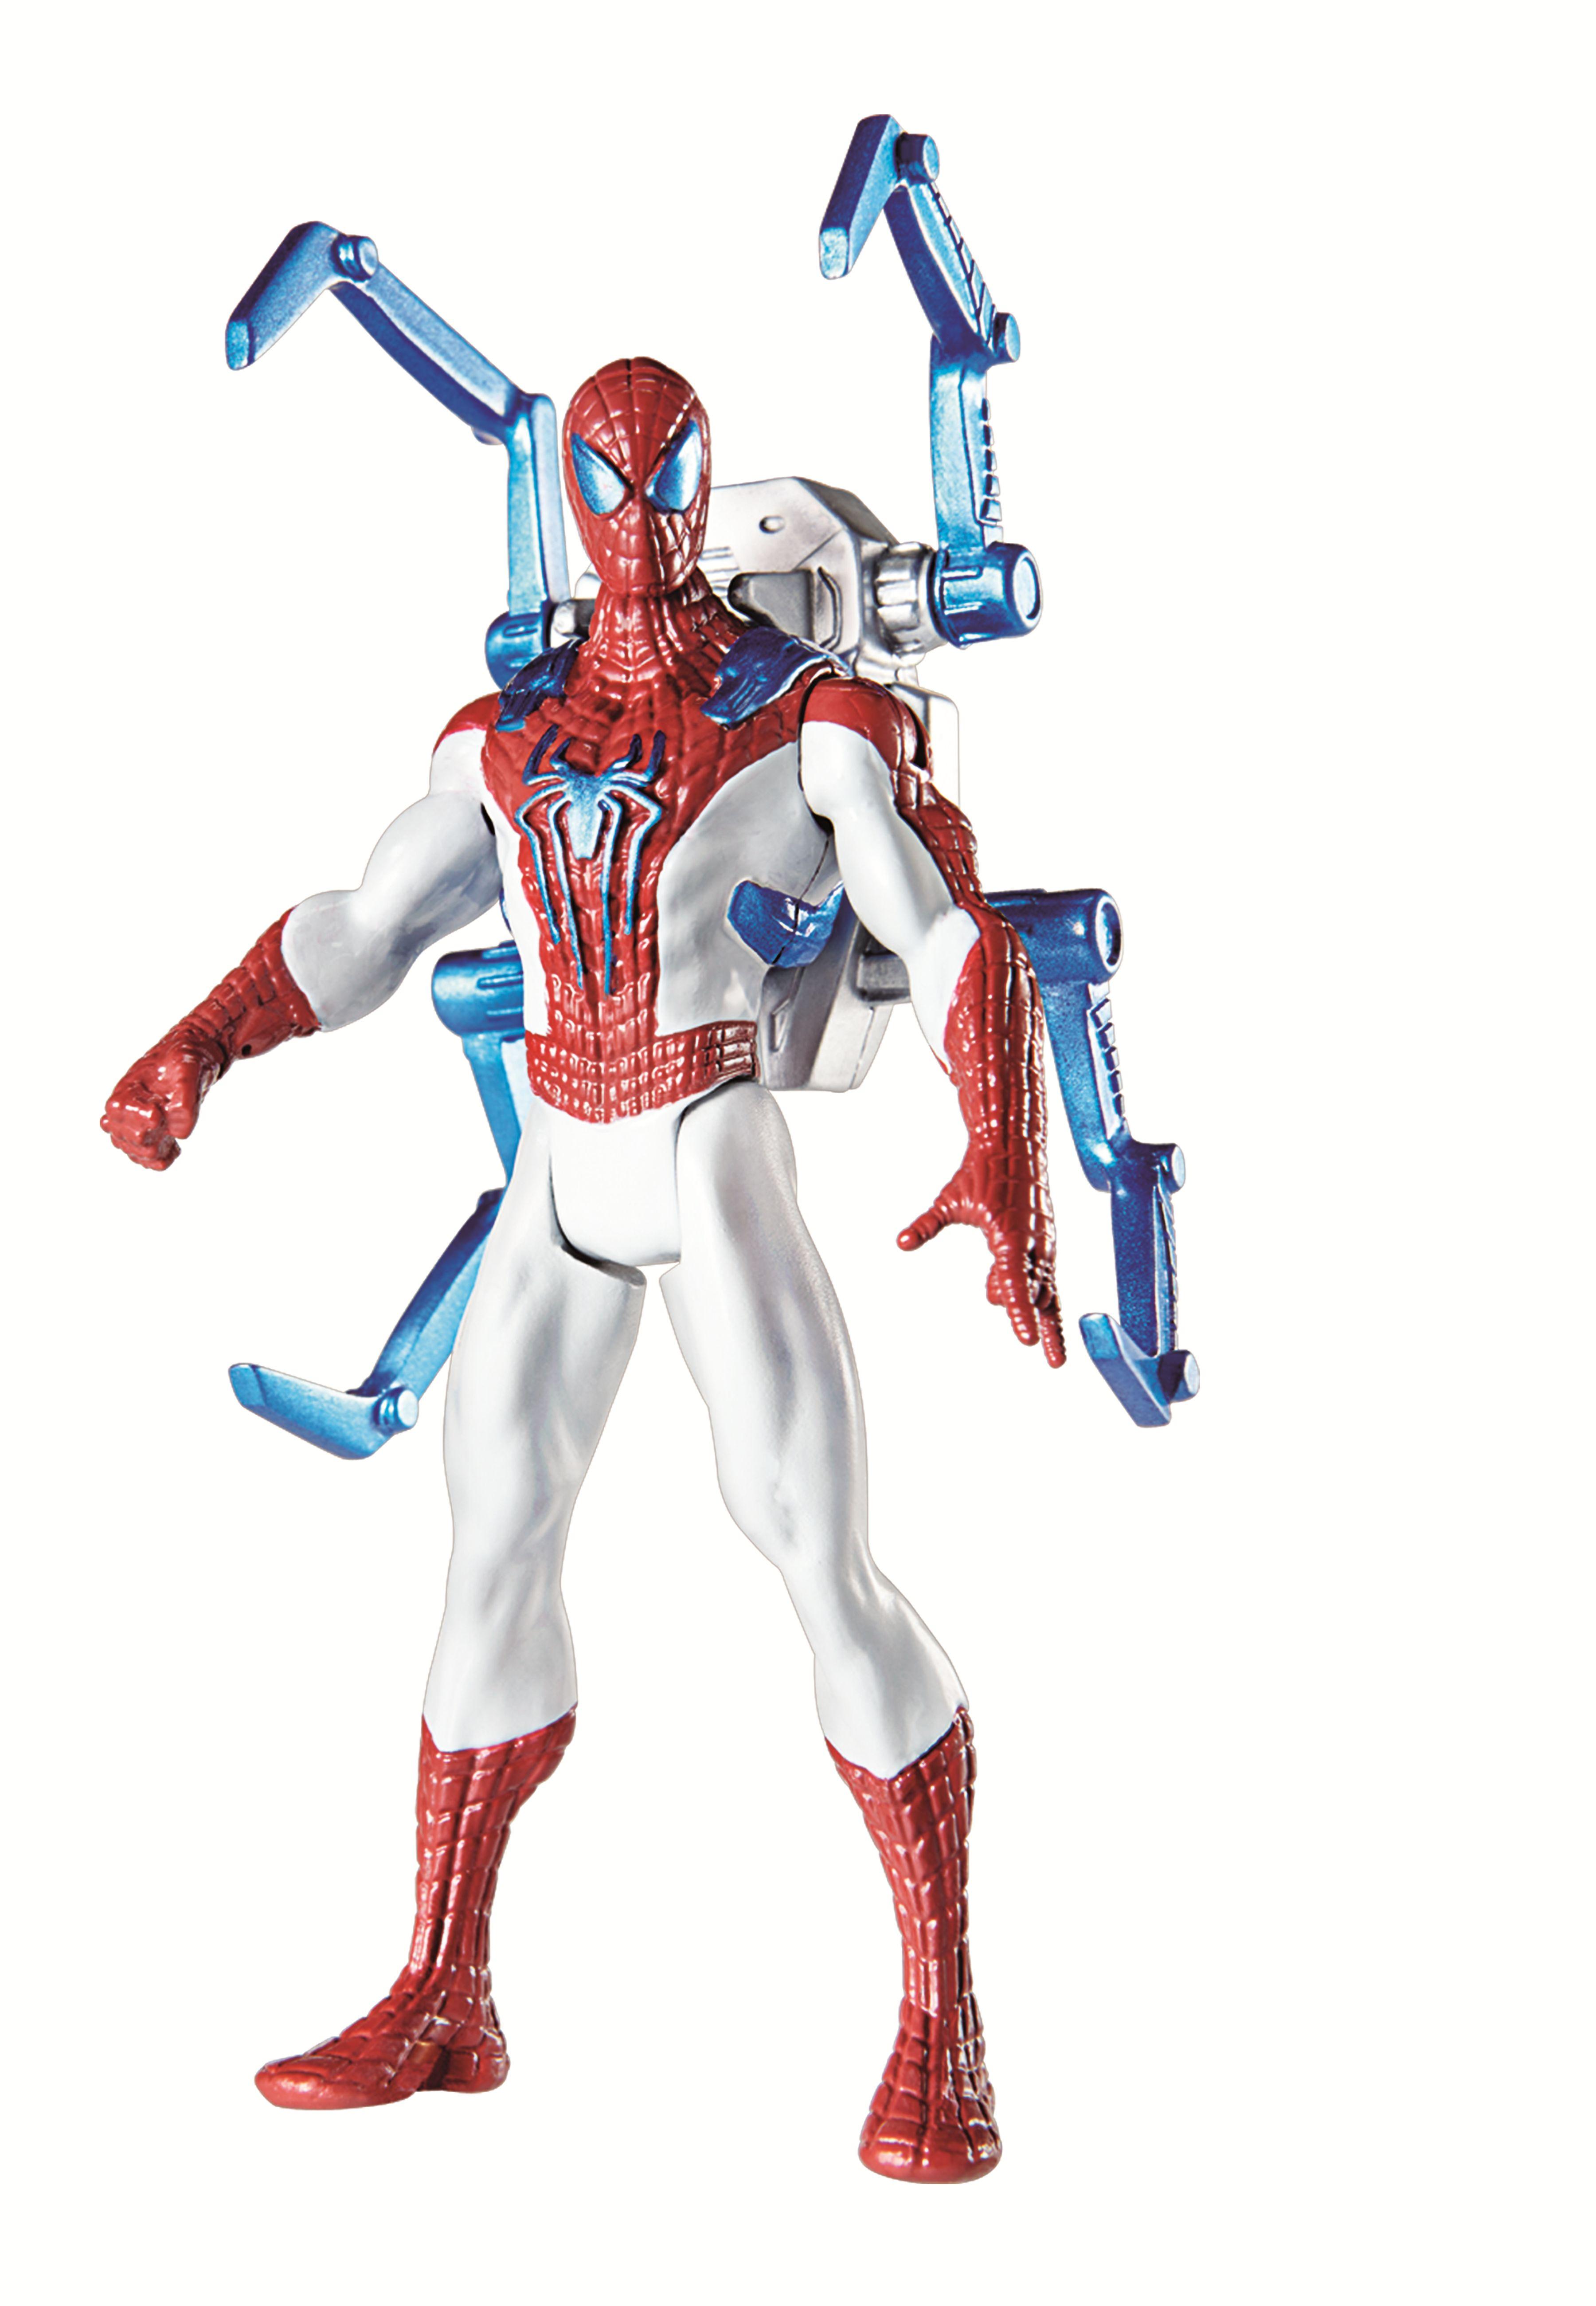 Spielzeug Amazing Spider Man 2 Spider Strike 3 75 Inch Figure Web Shield Spider Man New Triadecont Com Br